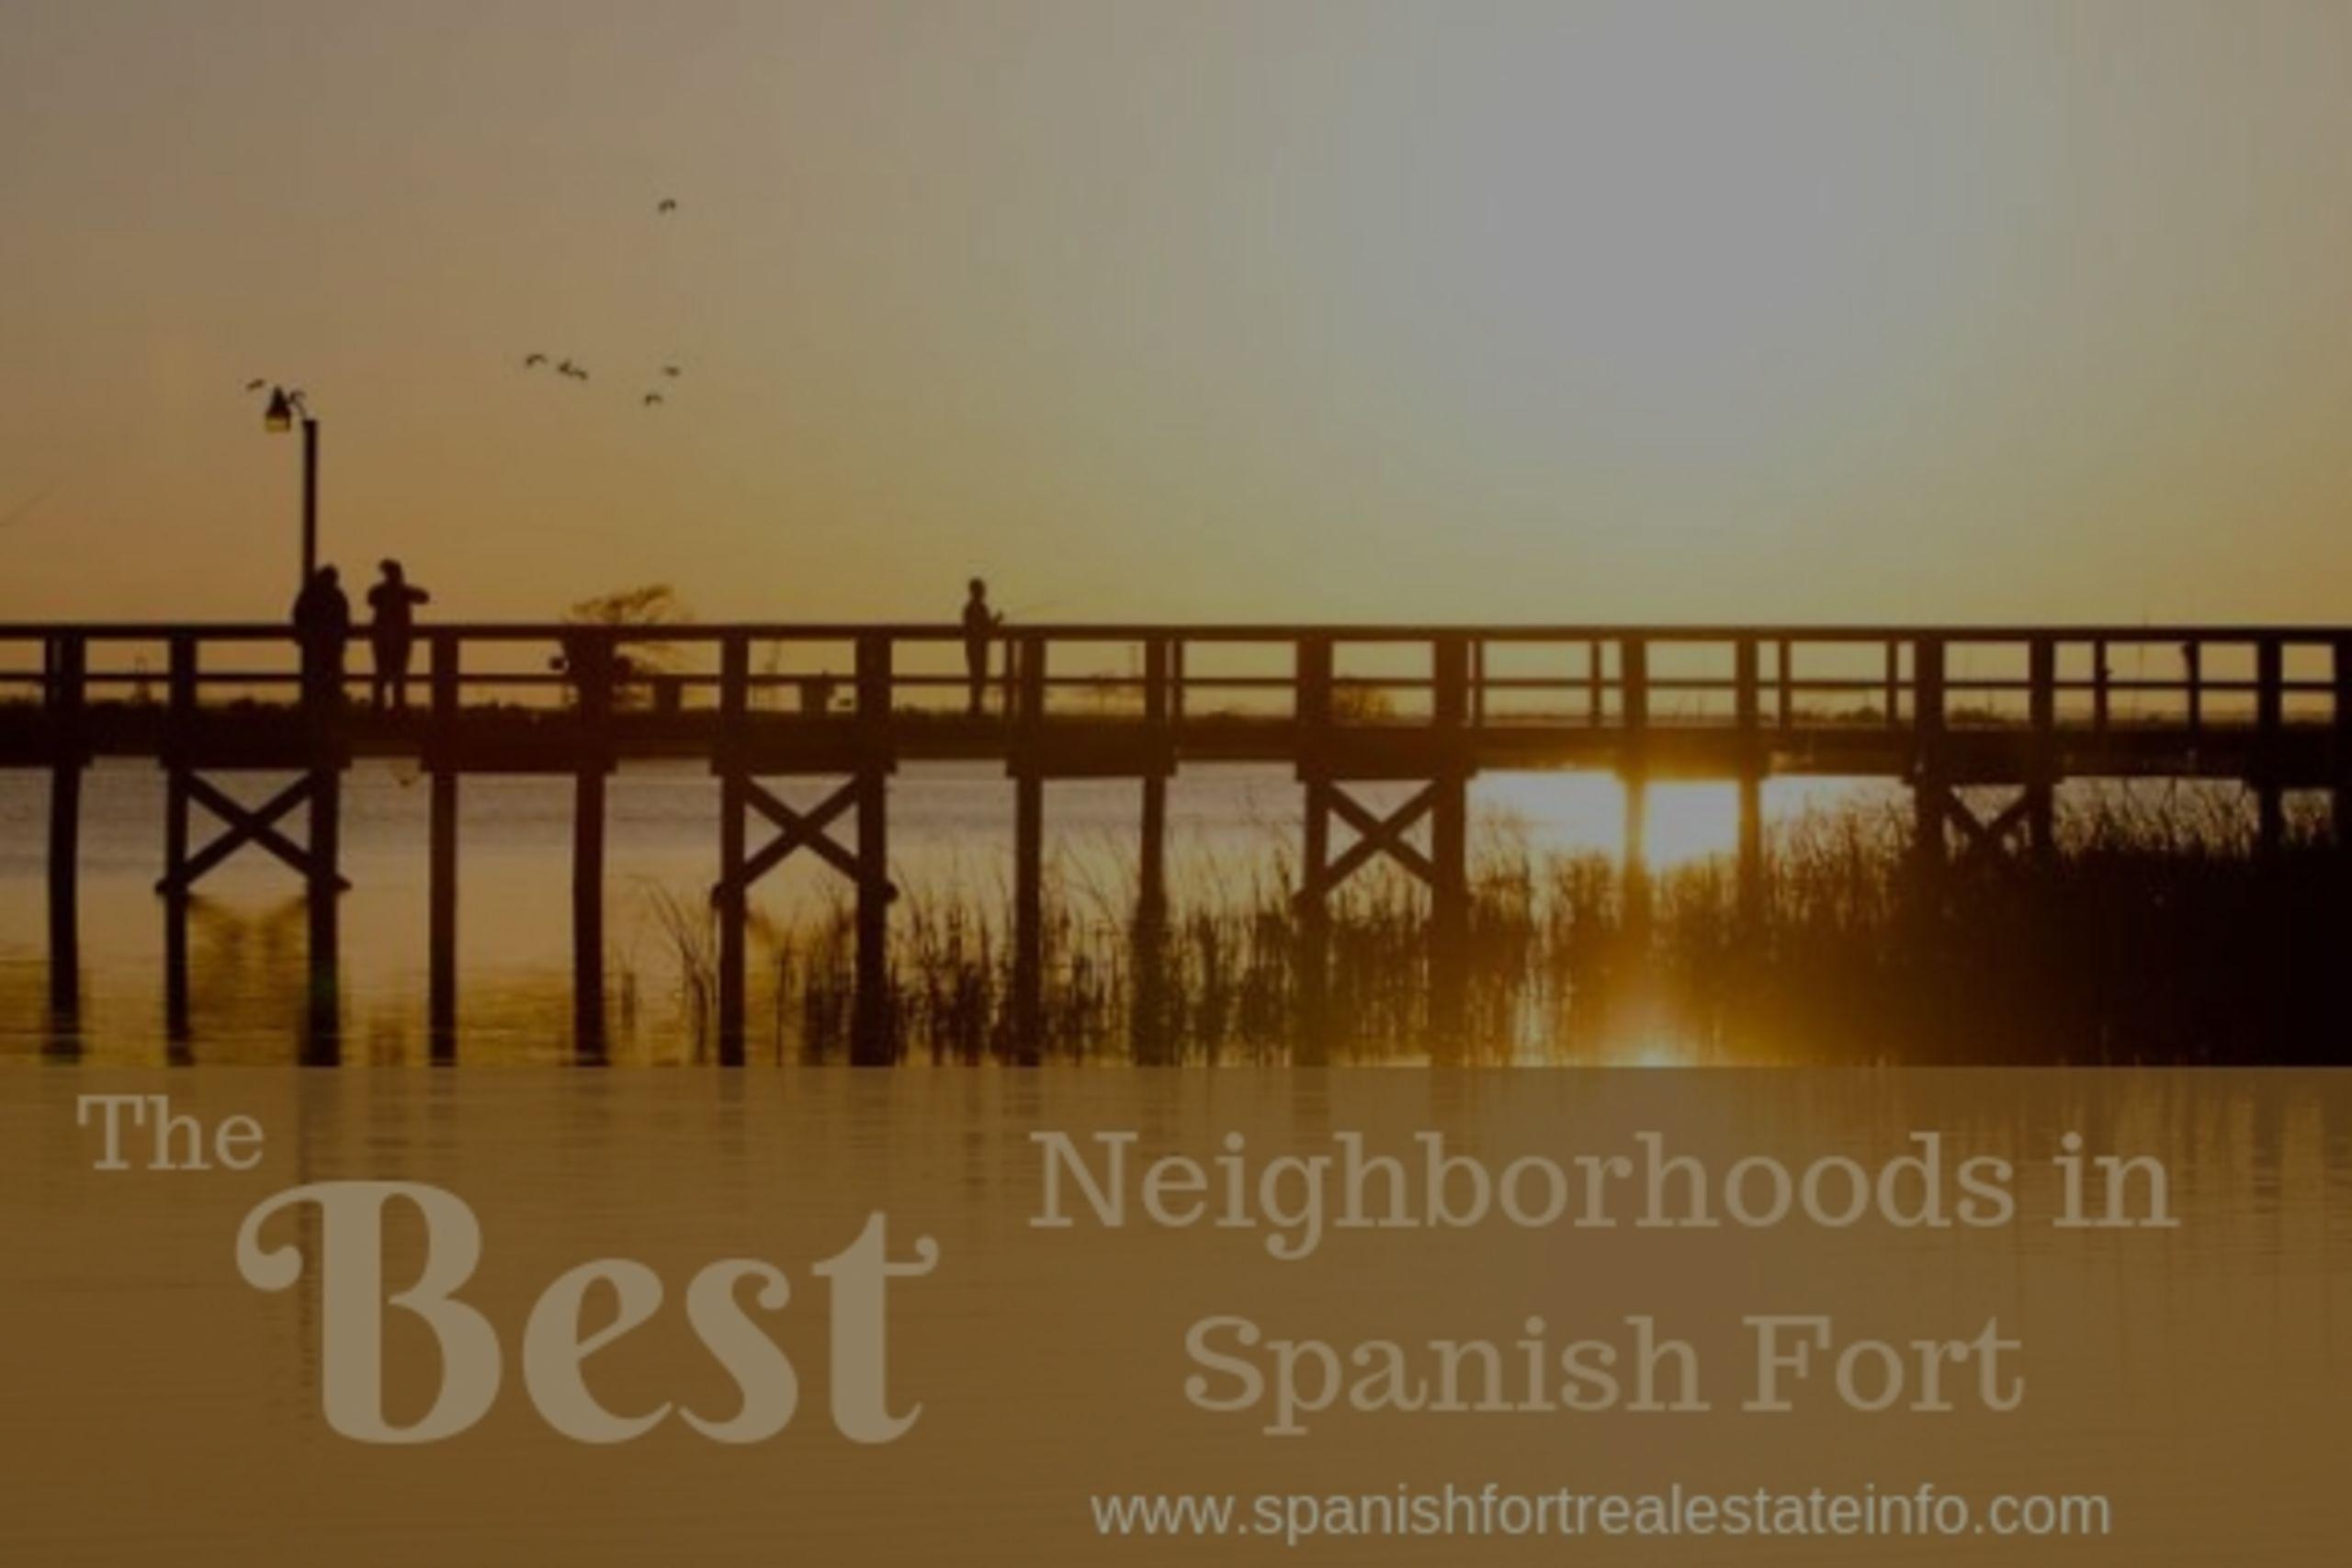 Best Selling Neighborhoods in Spanish Fort – Summer 2018